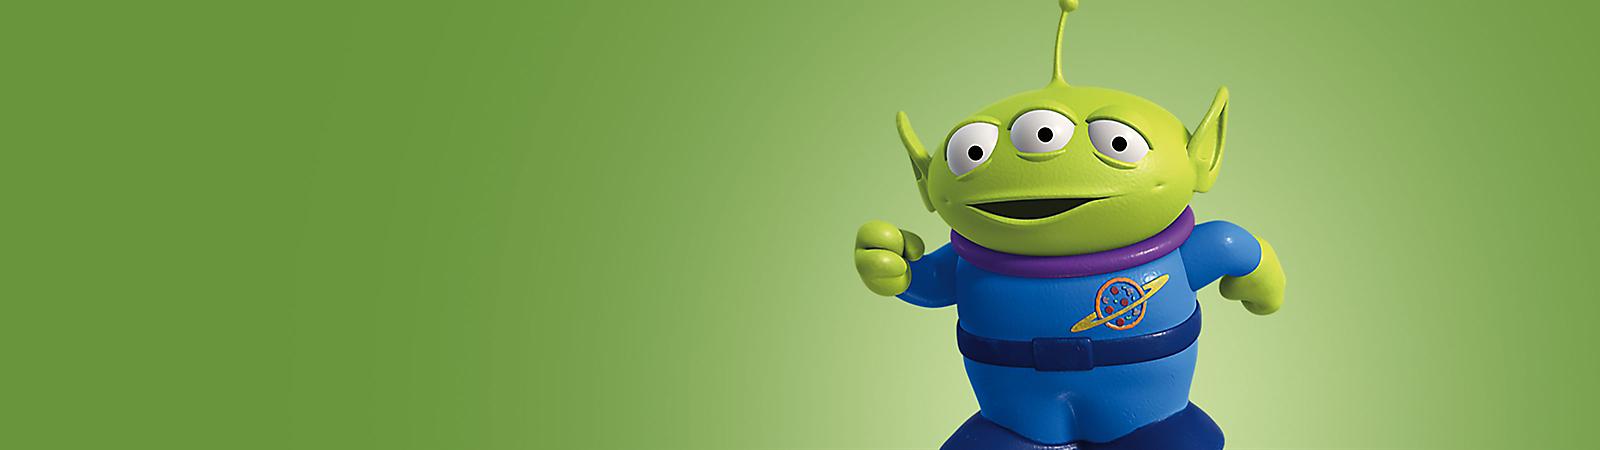 Classic Alien Little Green Men Toy